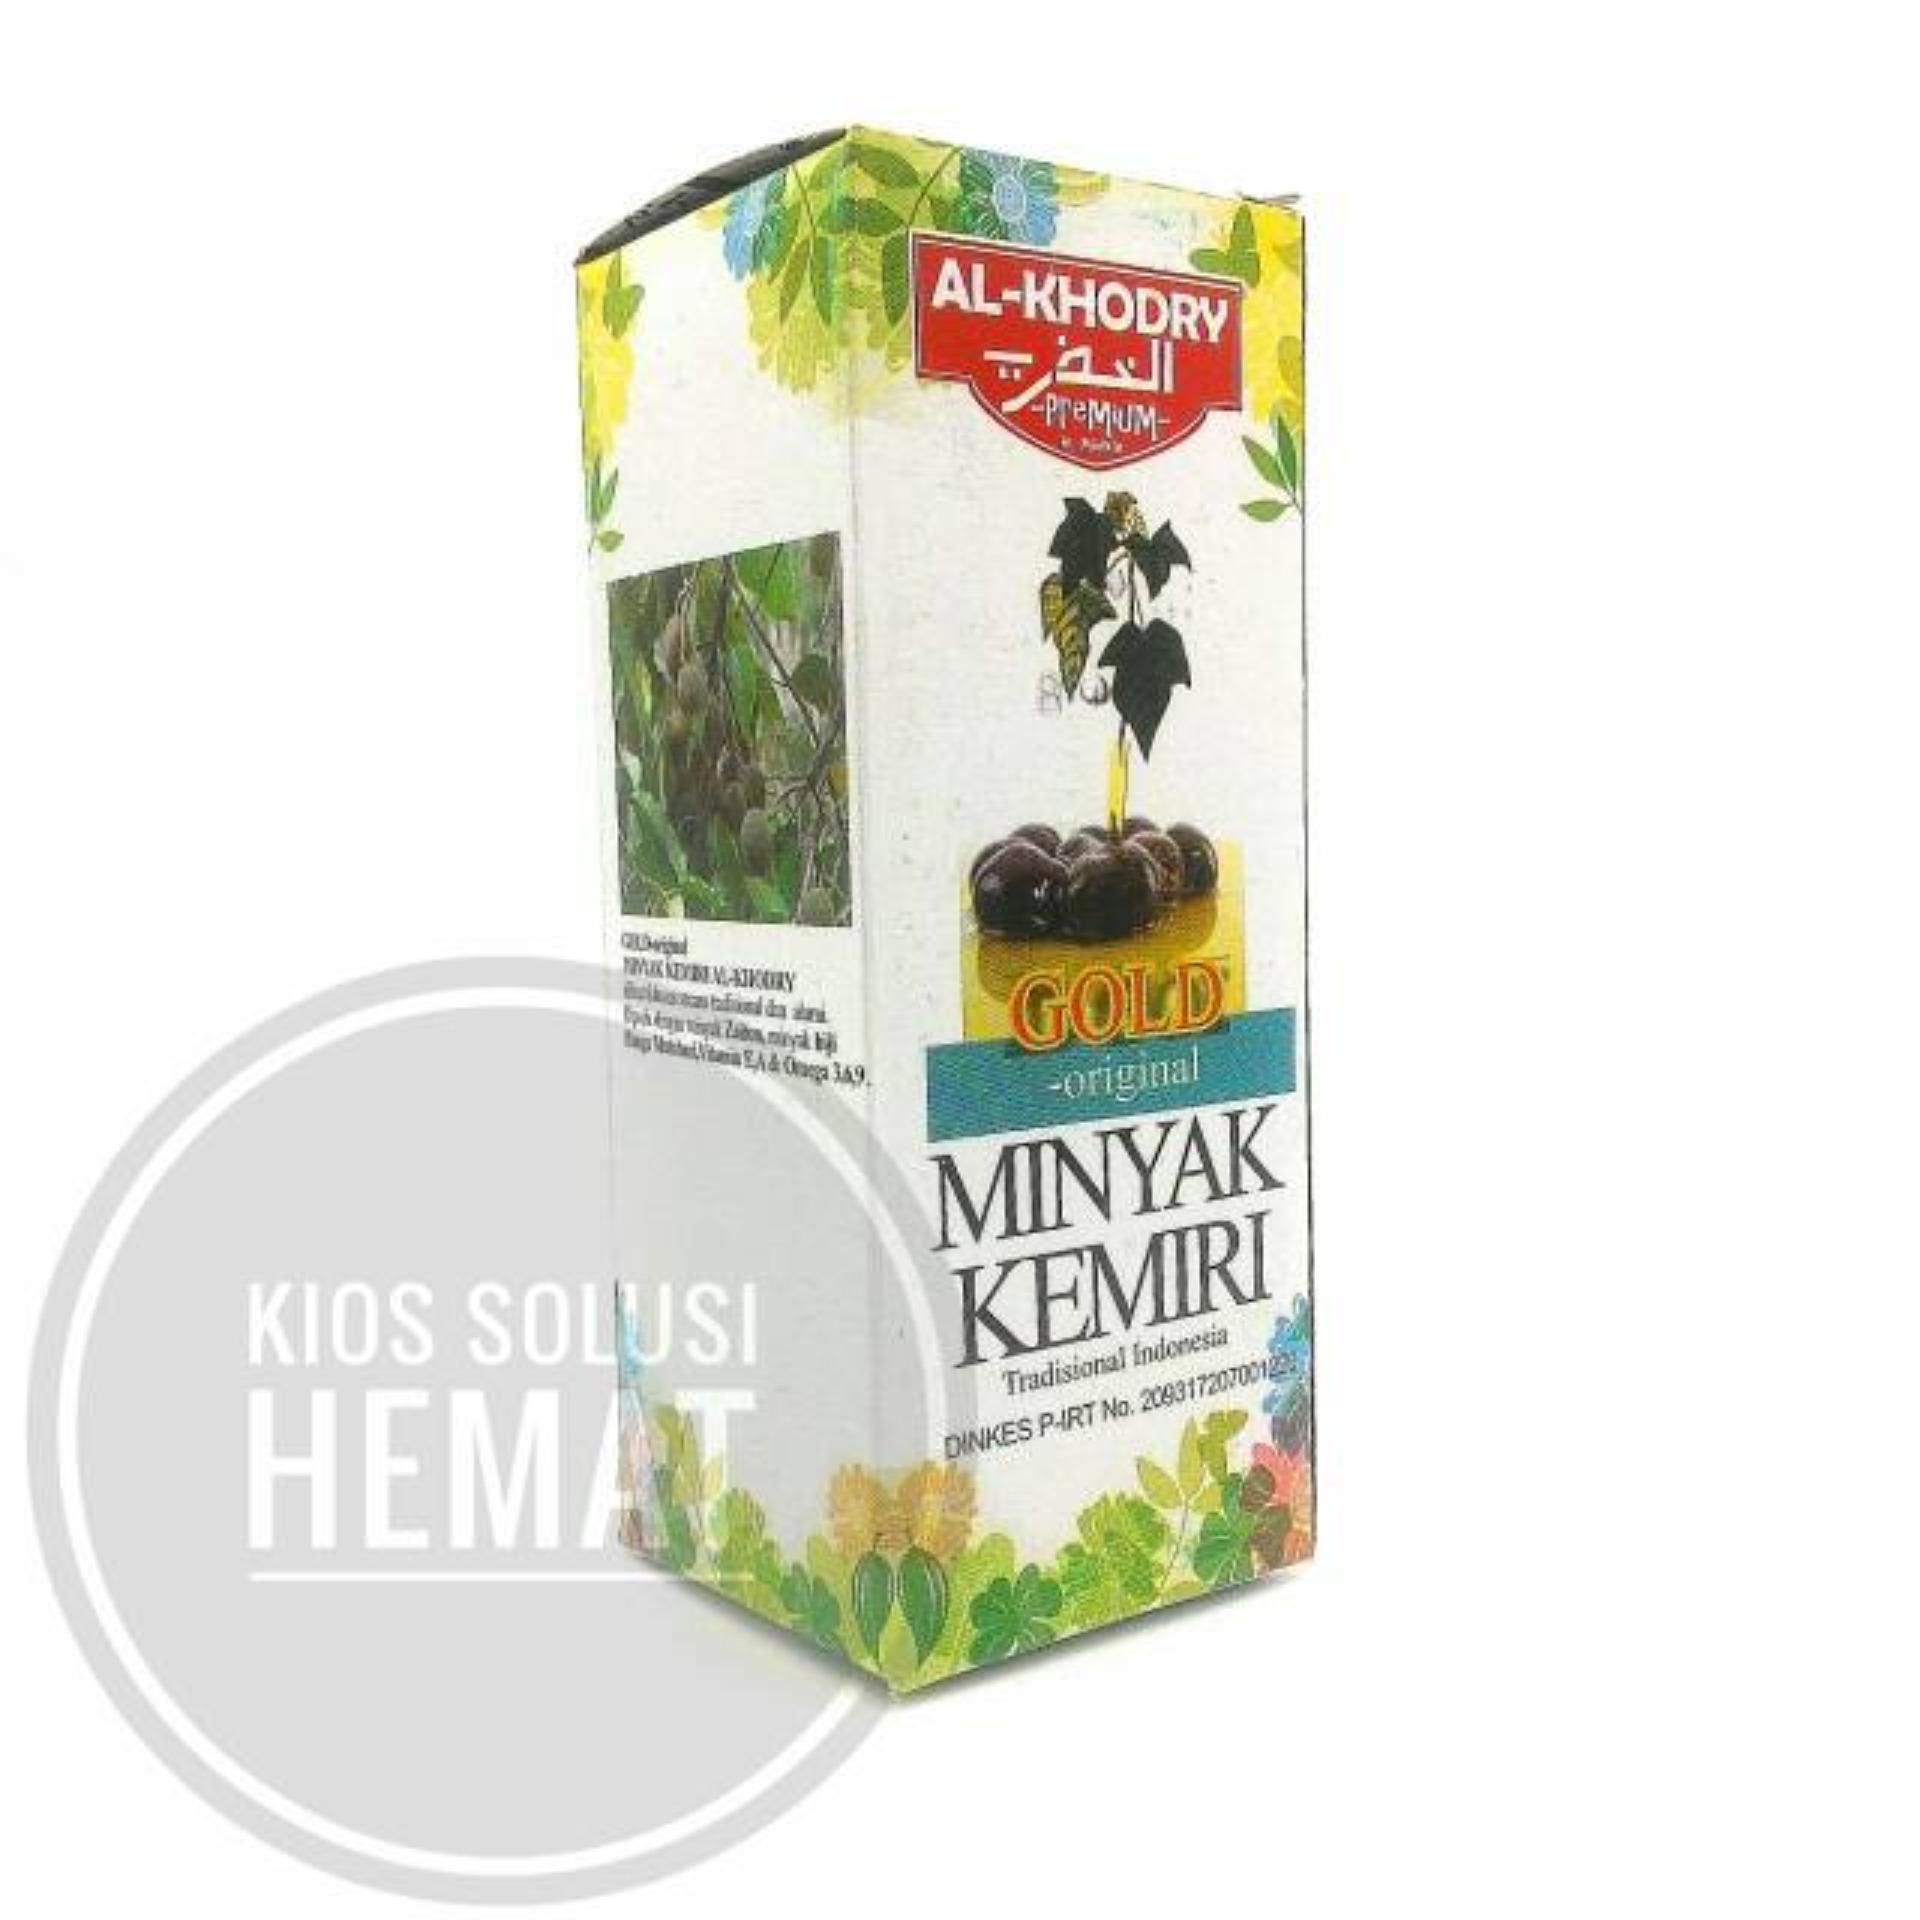 Al Khodry Herbal Minyak Kemiri Gold Plus Zaitun Premium Penumbuh Cream Dll Jenggot Kumis Jambang Pelebat Alis Rambut Spt Wak Doyok Bandingkan Toko Penyubur